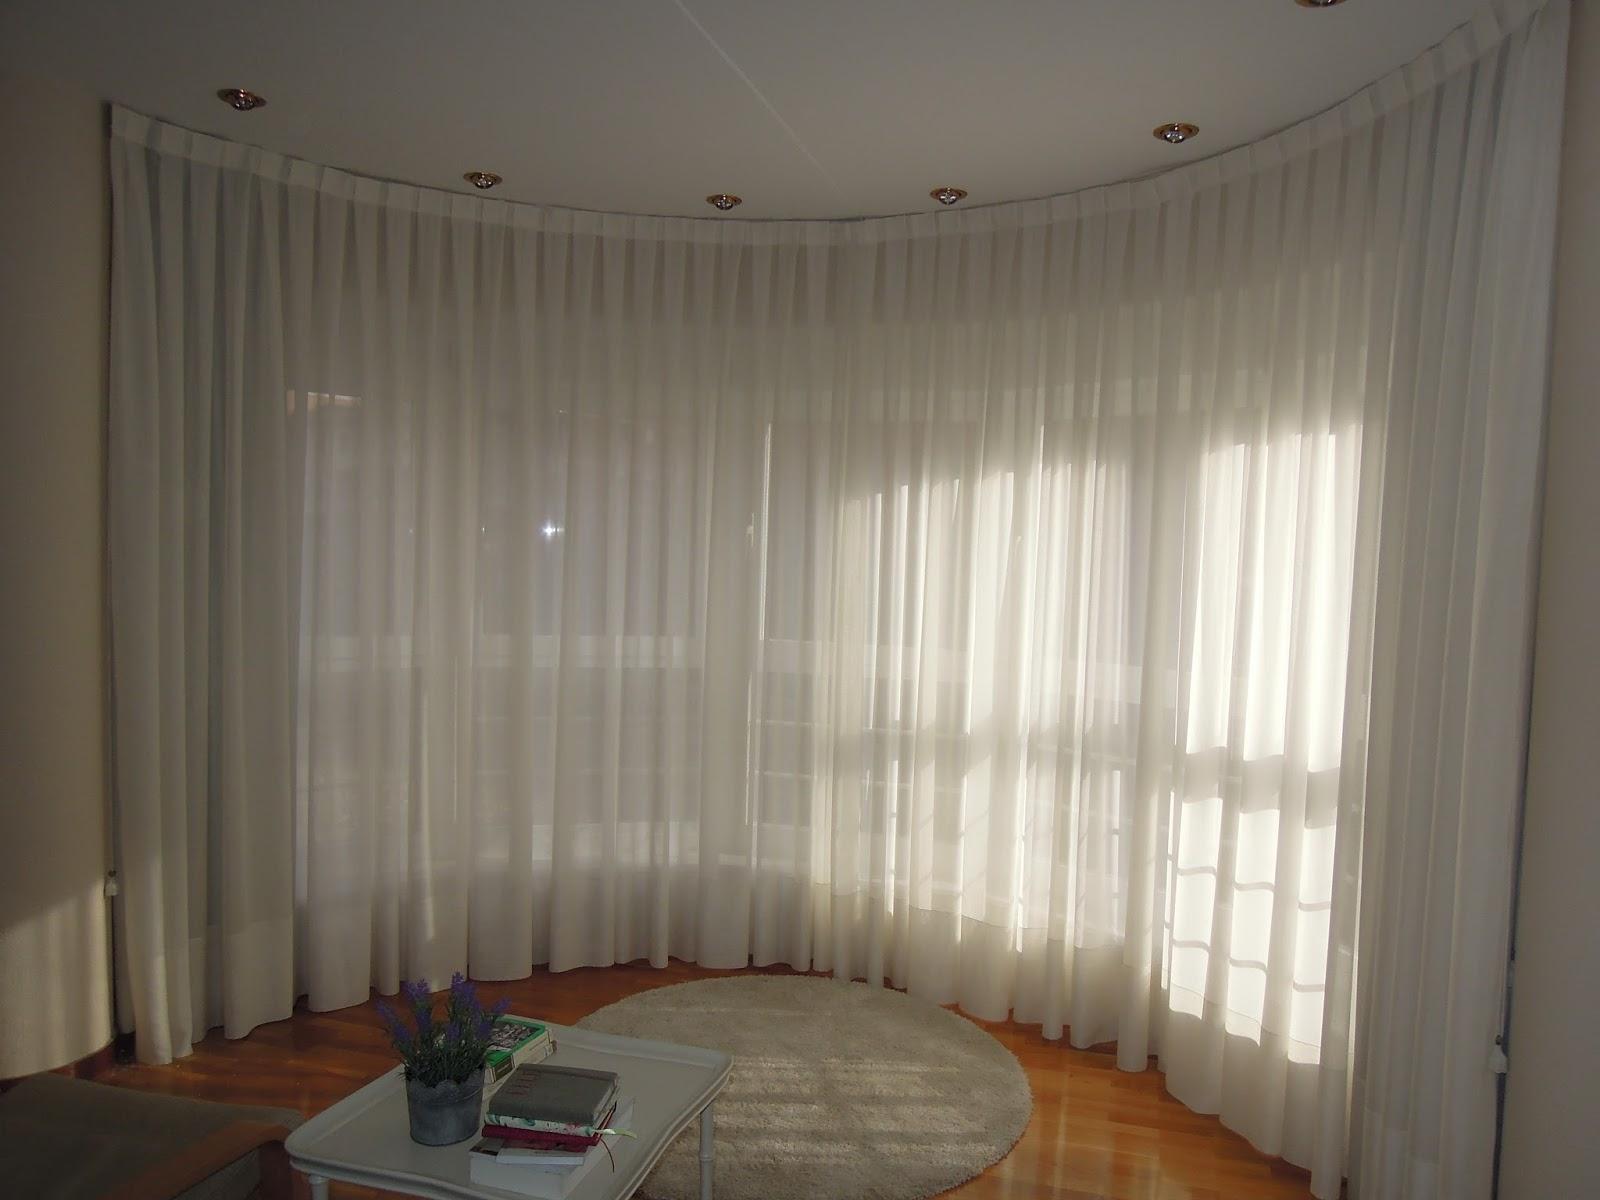 Fotos de cortinas como elegir unas cortinas aqui os for Cortinas para el salon fotos